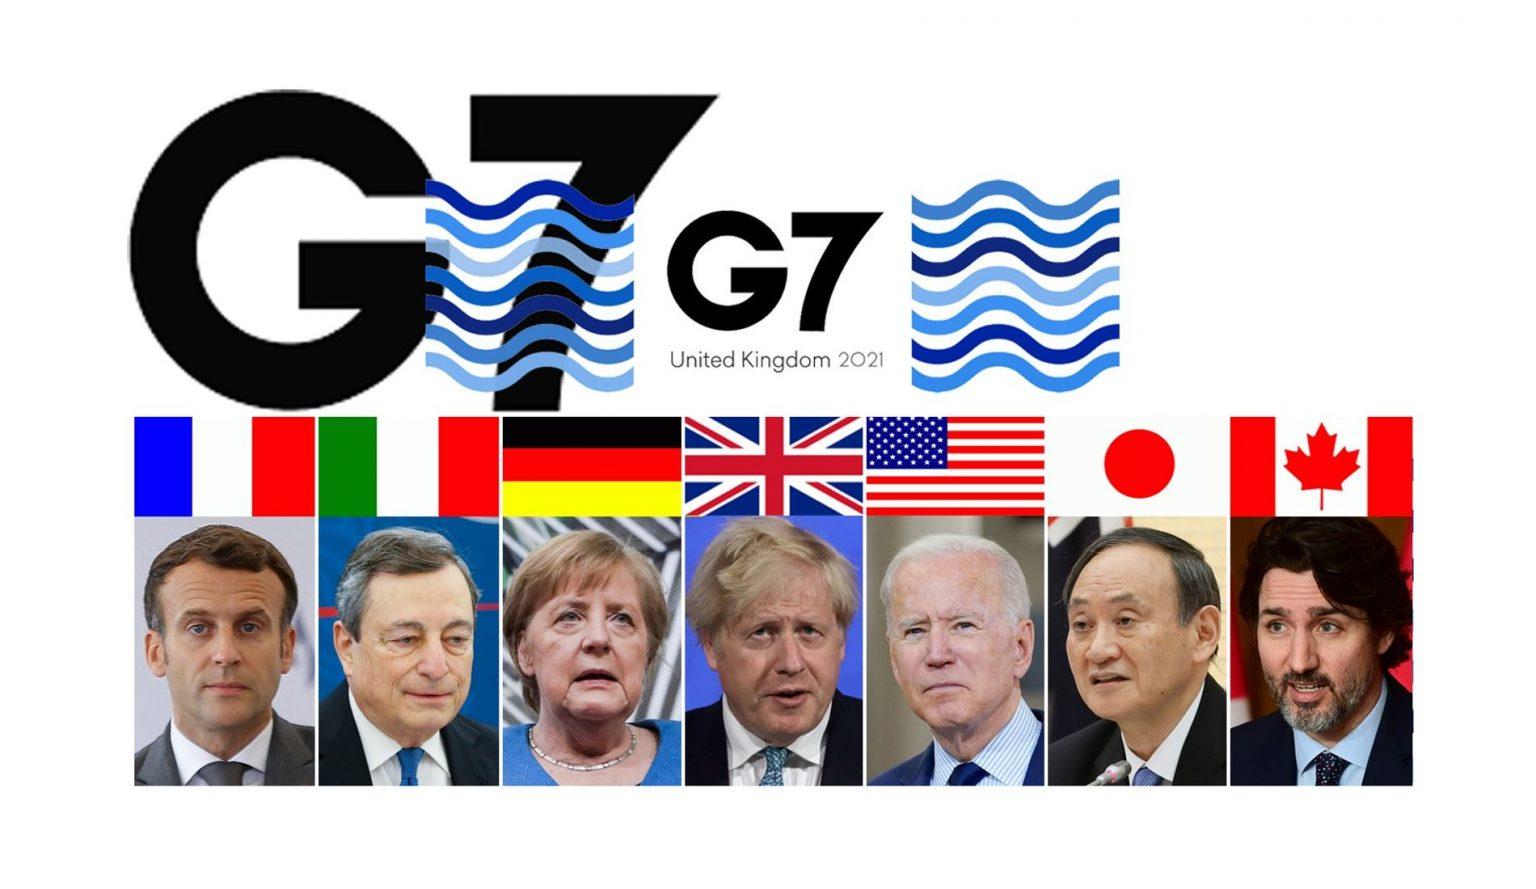 47th G7 summit held in UK's Cornwall|47-ാമത് ജി 7 ഉച്ചകോടി യുകെയിലെ കോൺവാളിൽ നടന്നു_40.1